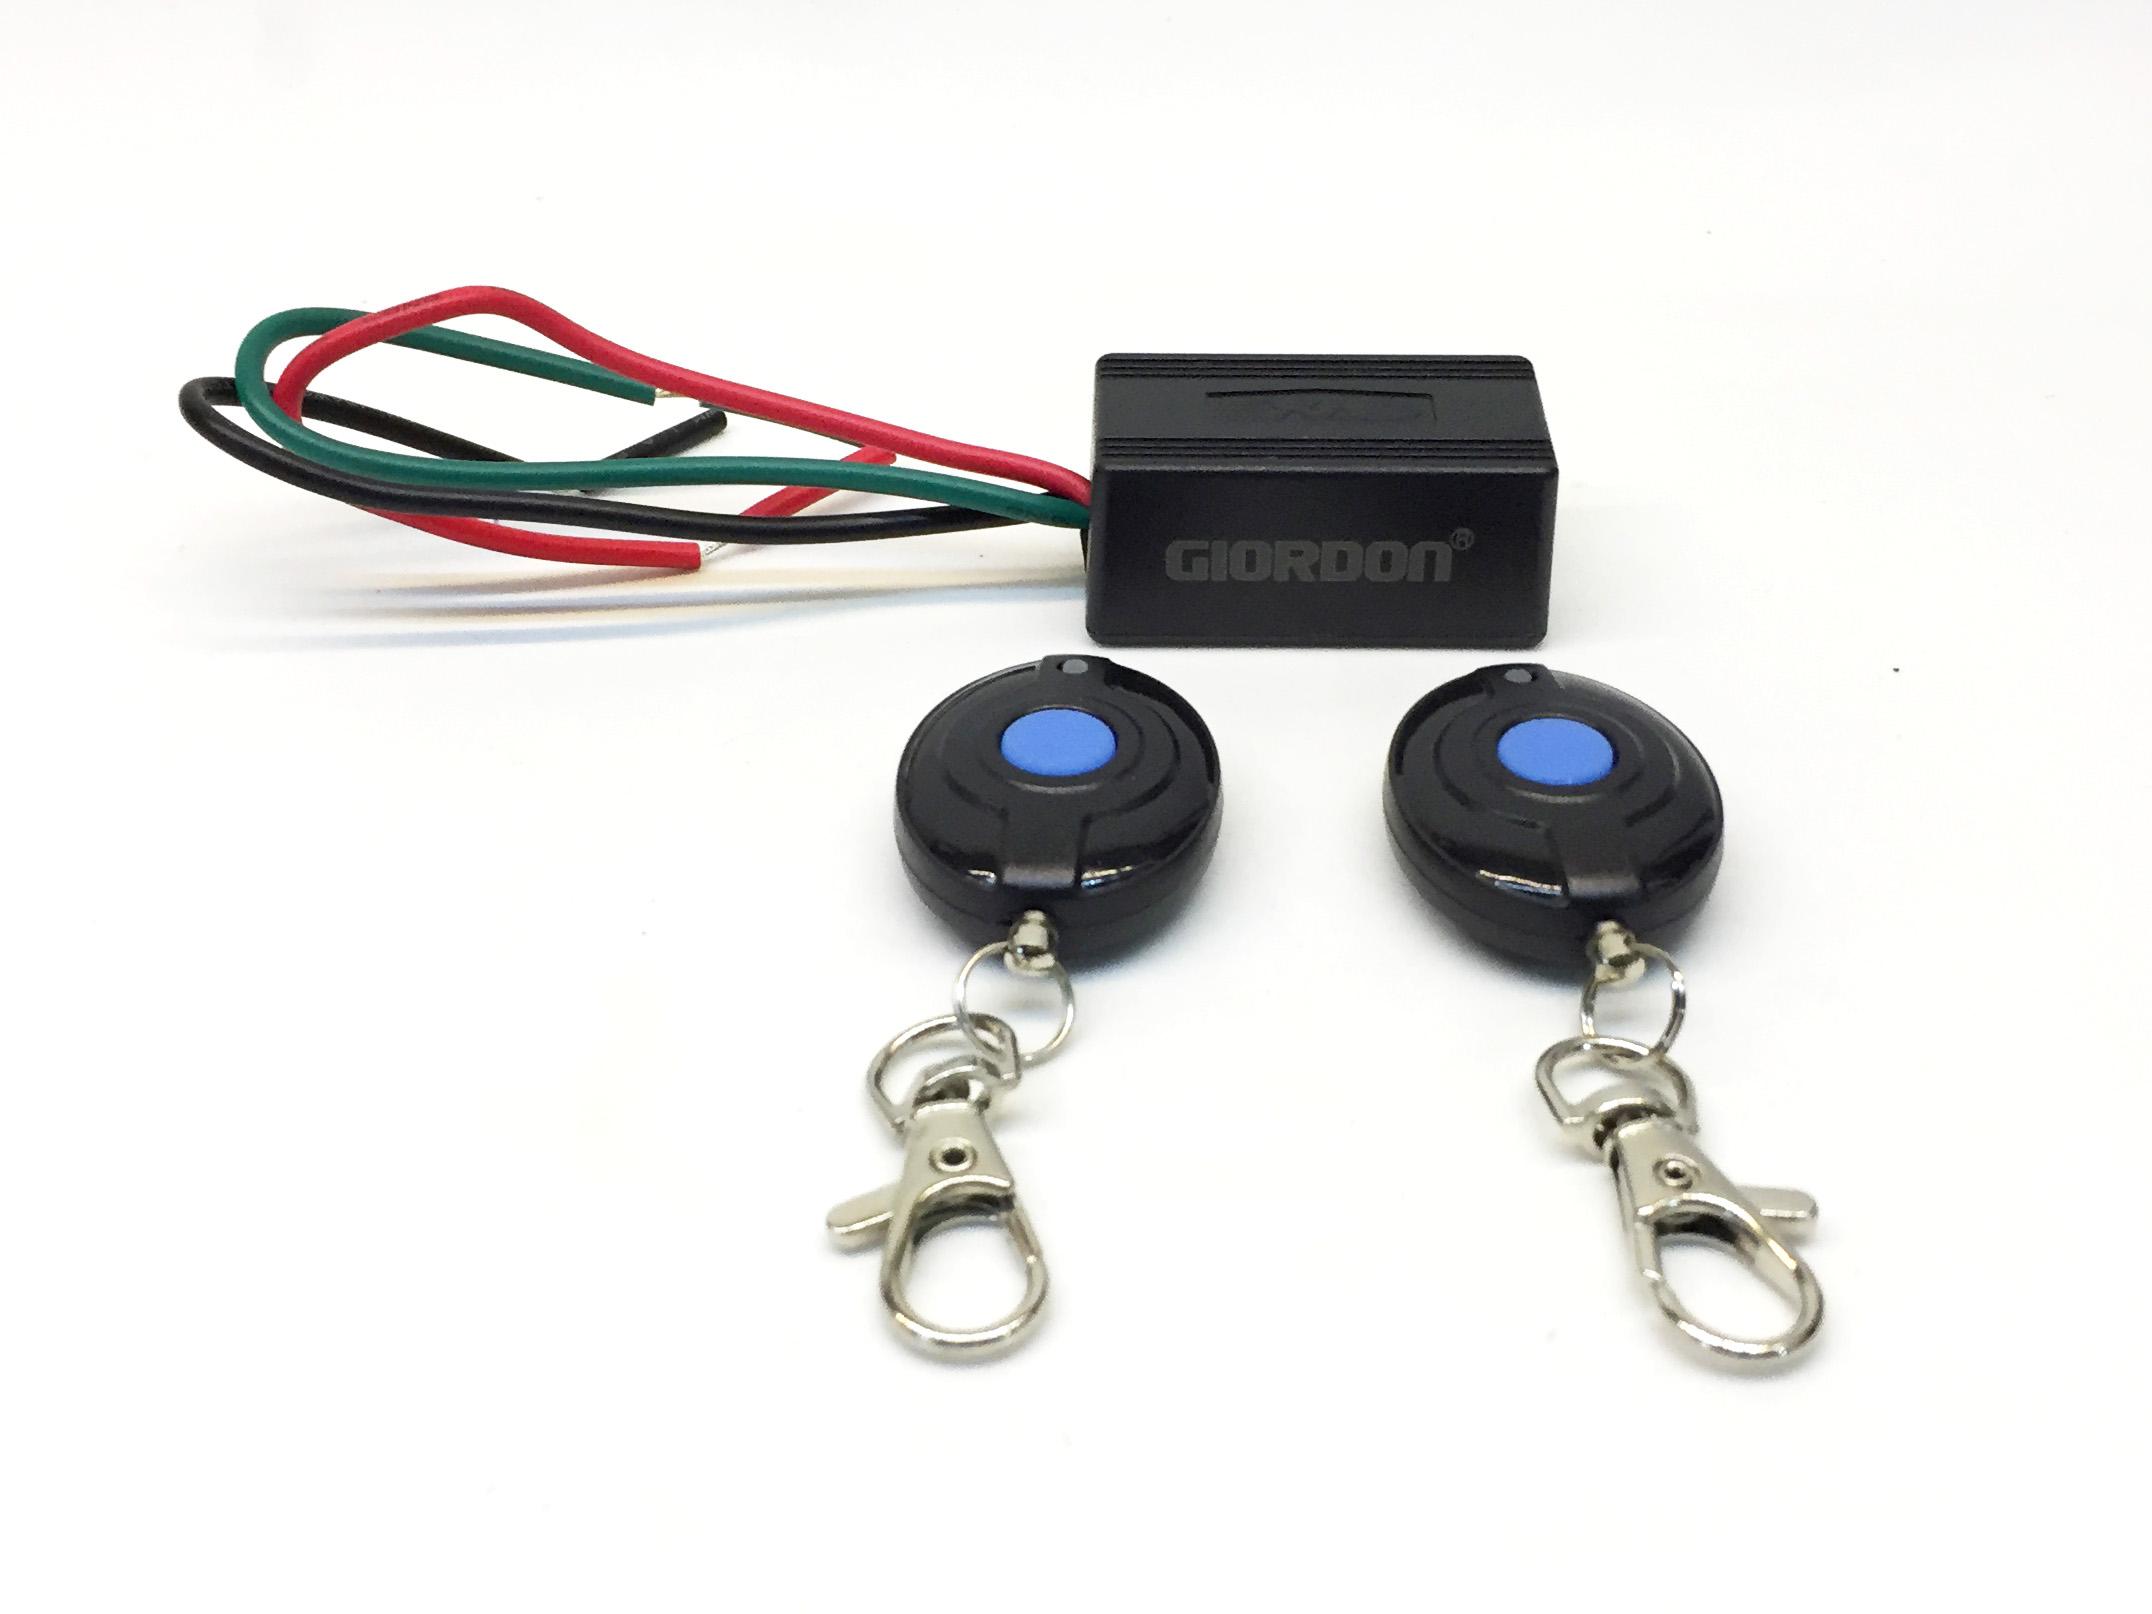 Khiển khóa và mở khóa Tự động cho xe ô tô